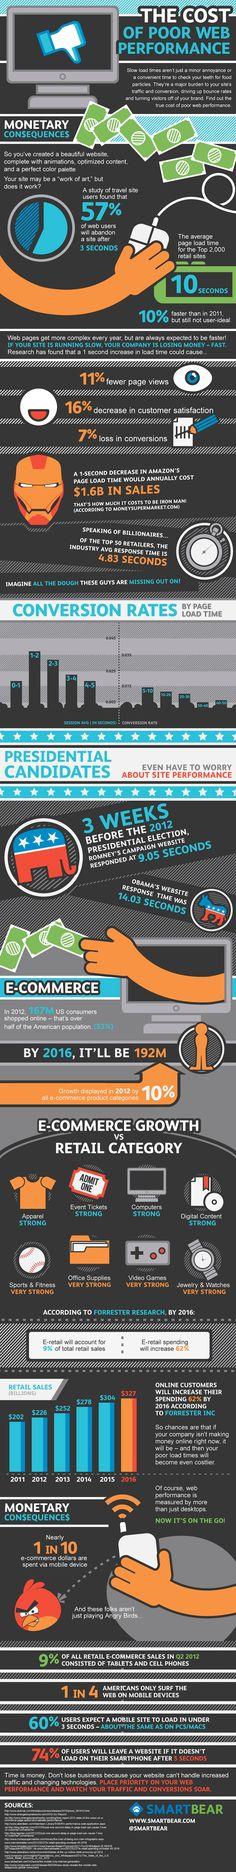 Slow Websites Cost Retailers Billions [INFOGRAPHIC]